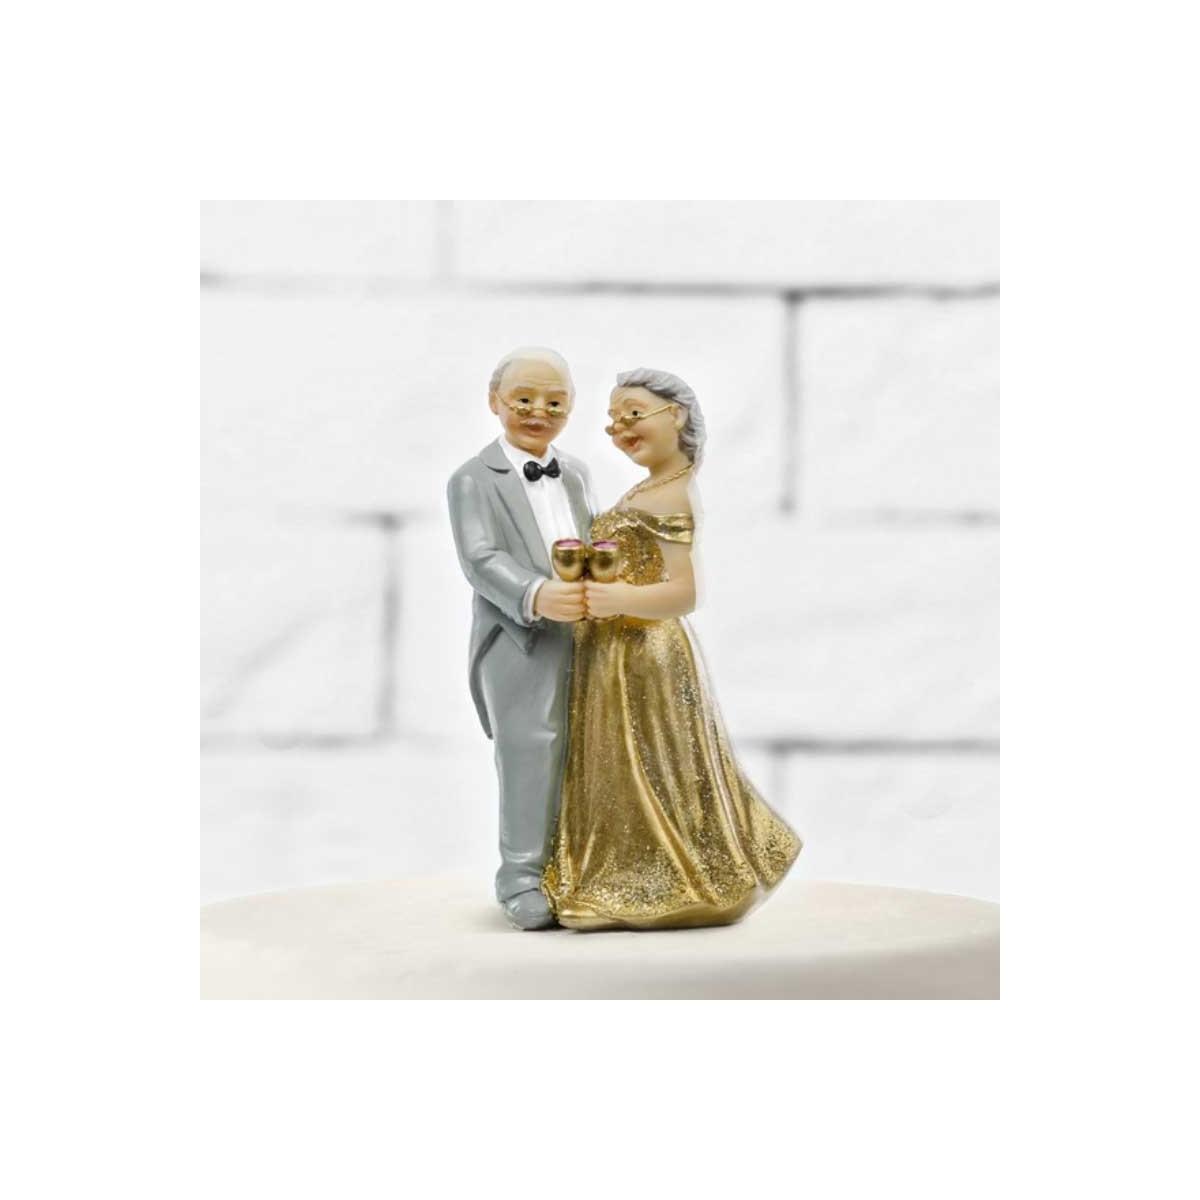 Figurine Mariage Personnes Agées